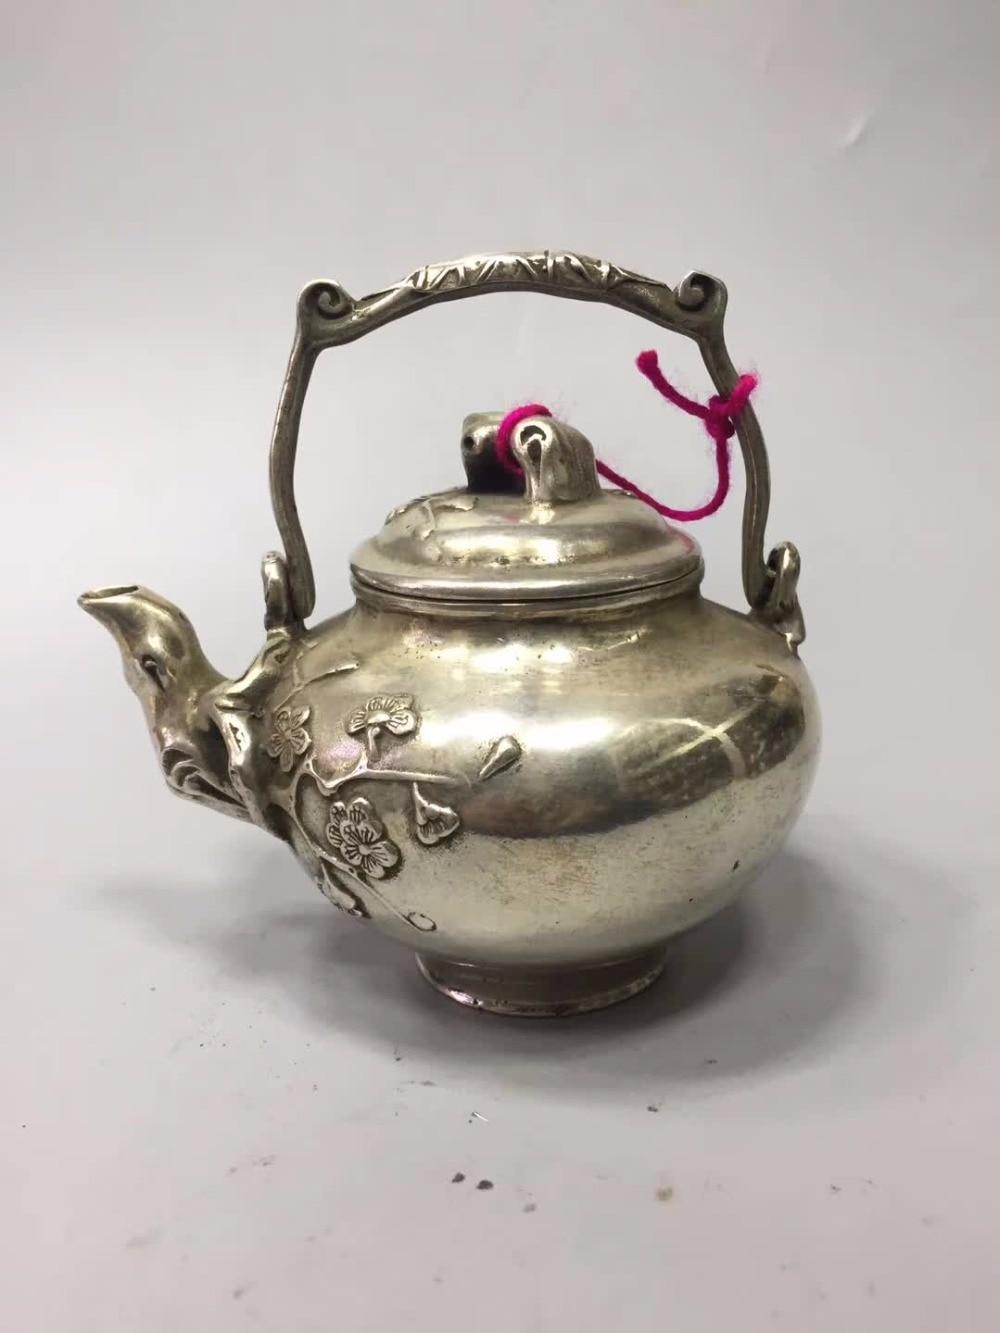 Collection Tibet Silver Old Handmade Pot /chinese Antique Tea Pot Honest Home/desk Decoration Plum Flower Teapot Metal Crafts Home & Garden